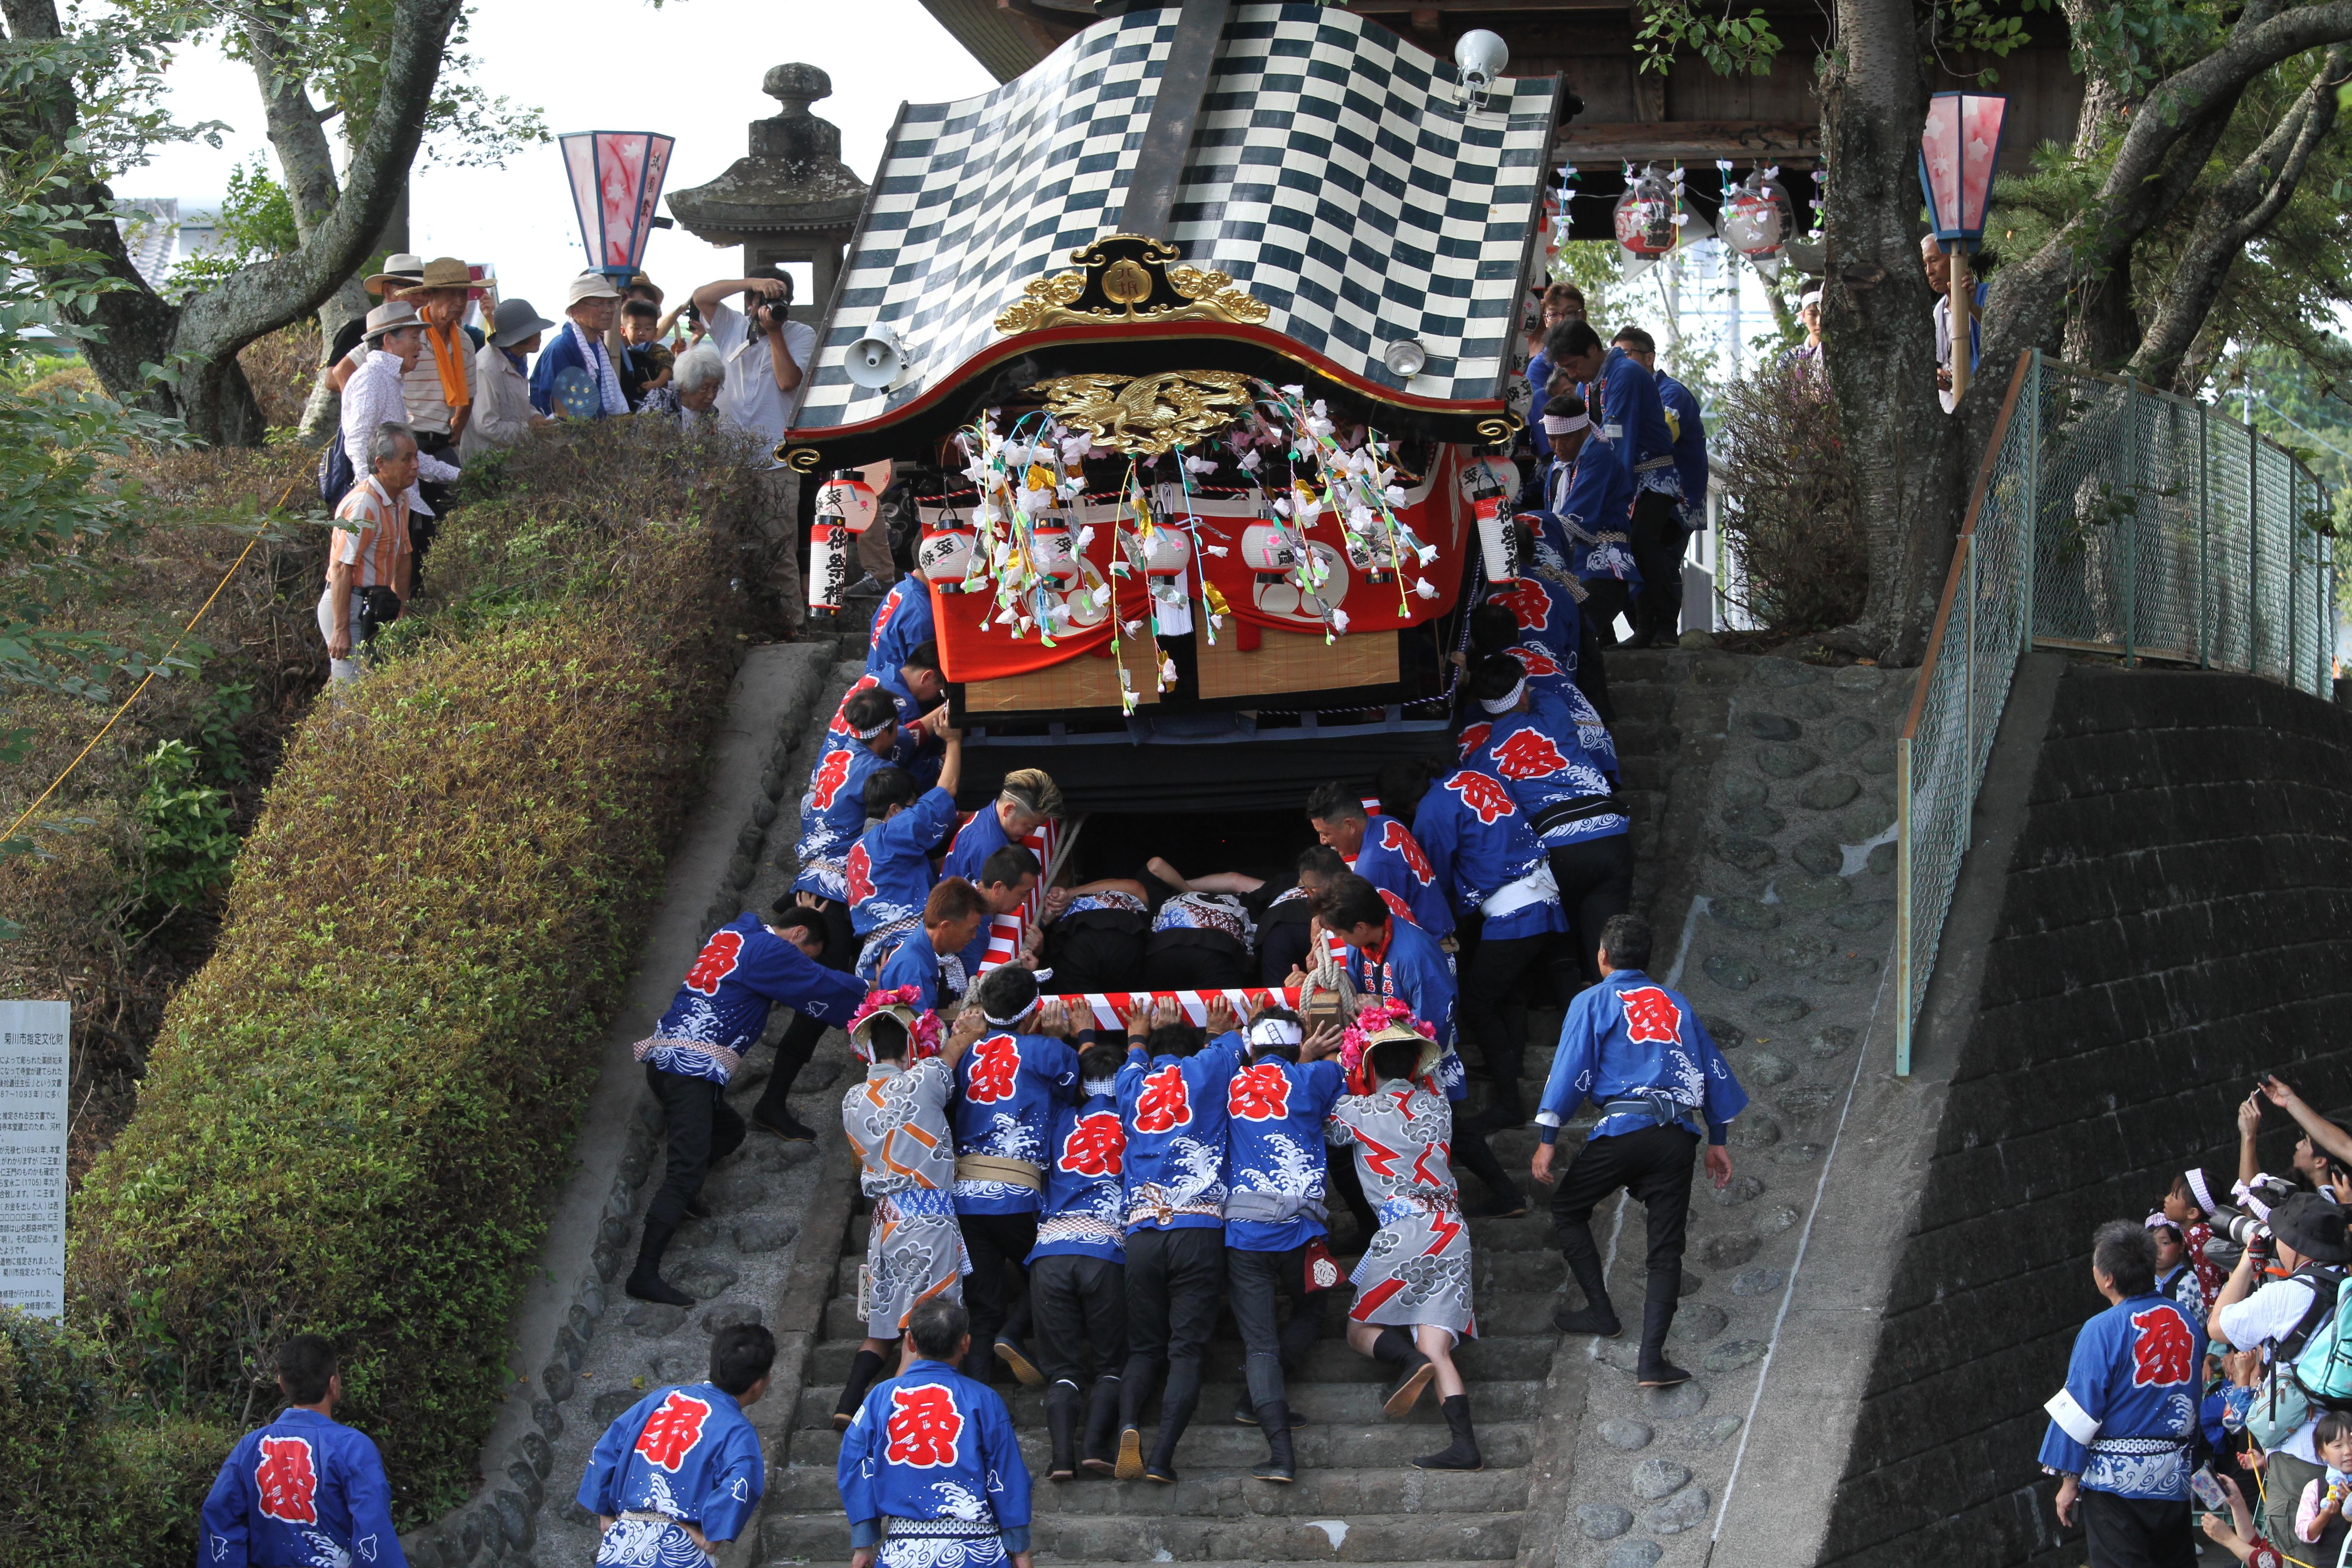 潮海寺祇園祭り(写真提供:菊川市)